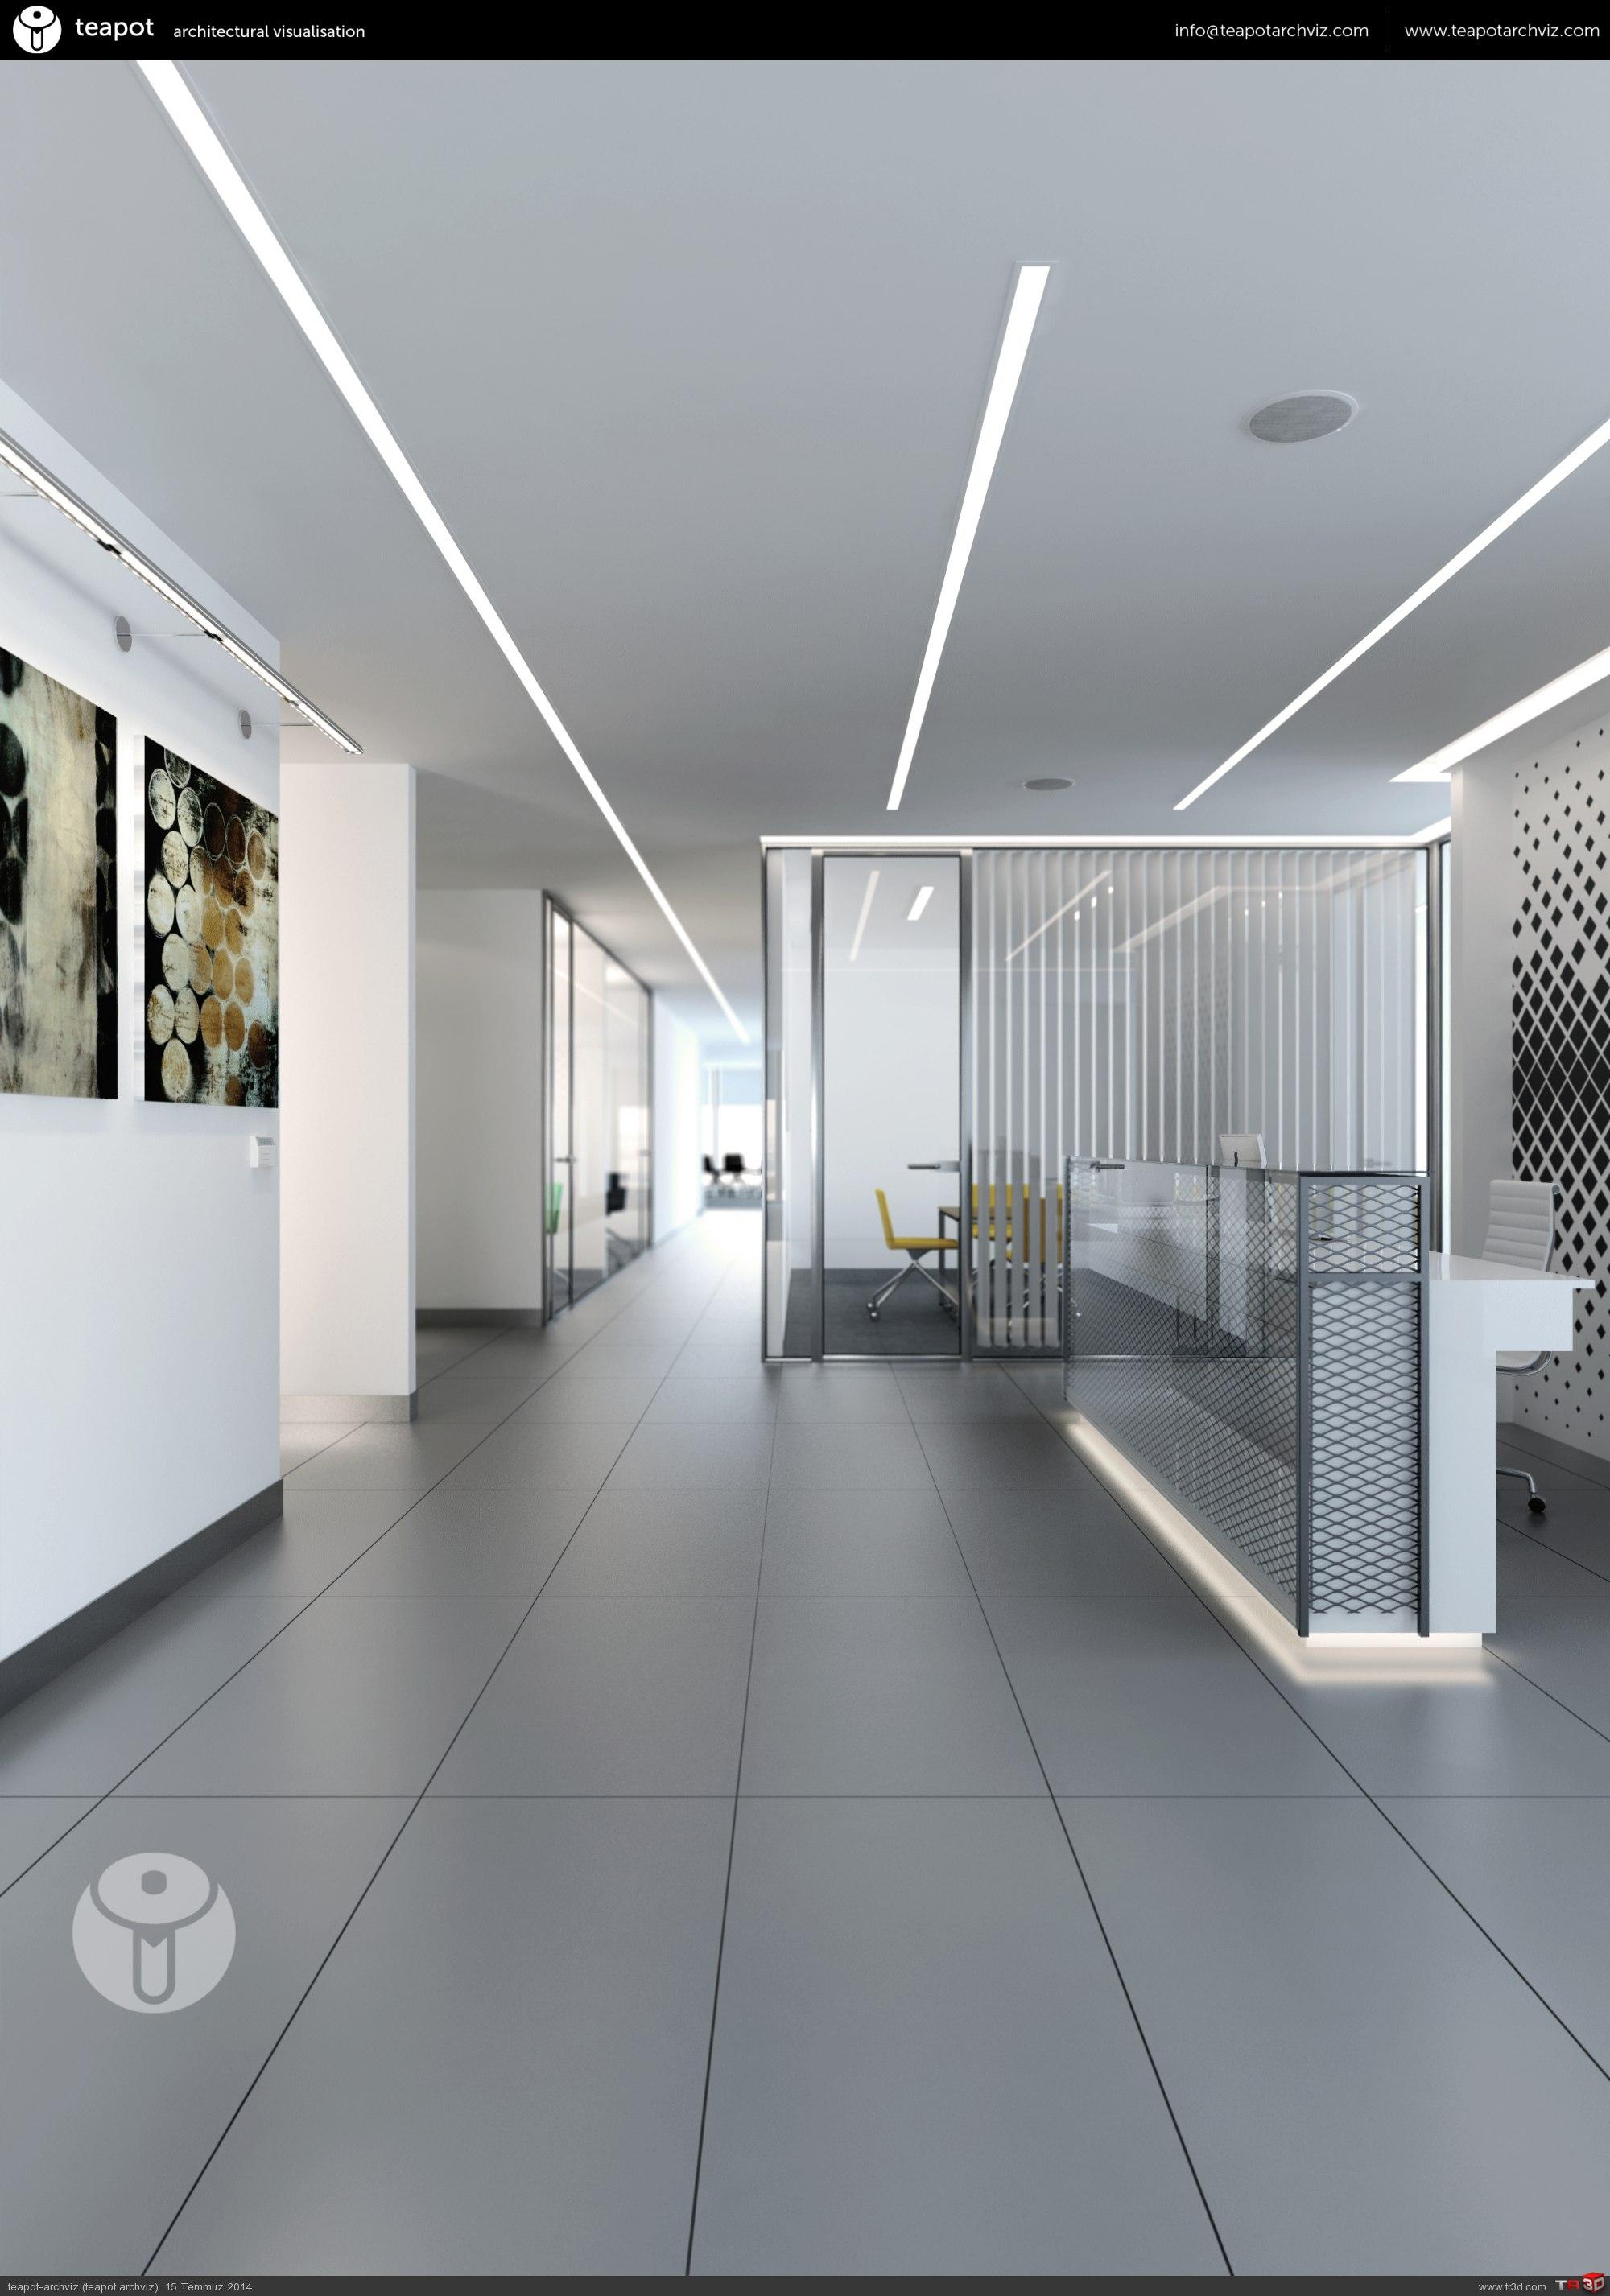 Okule office